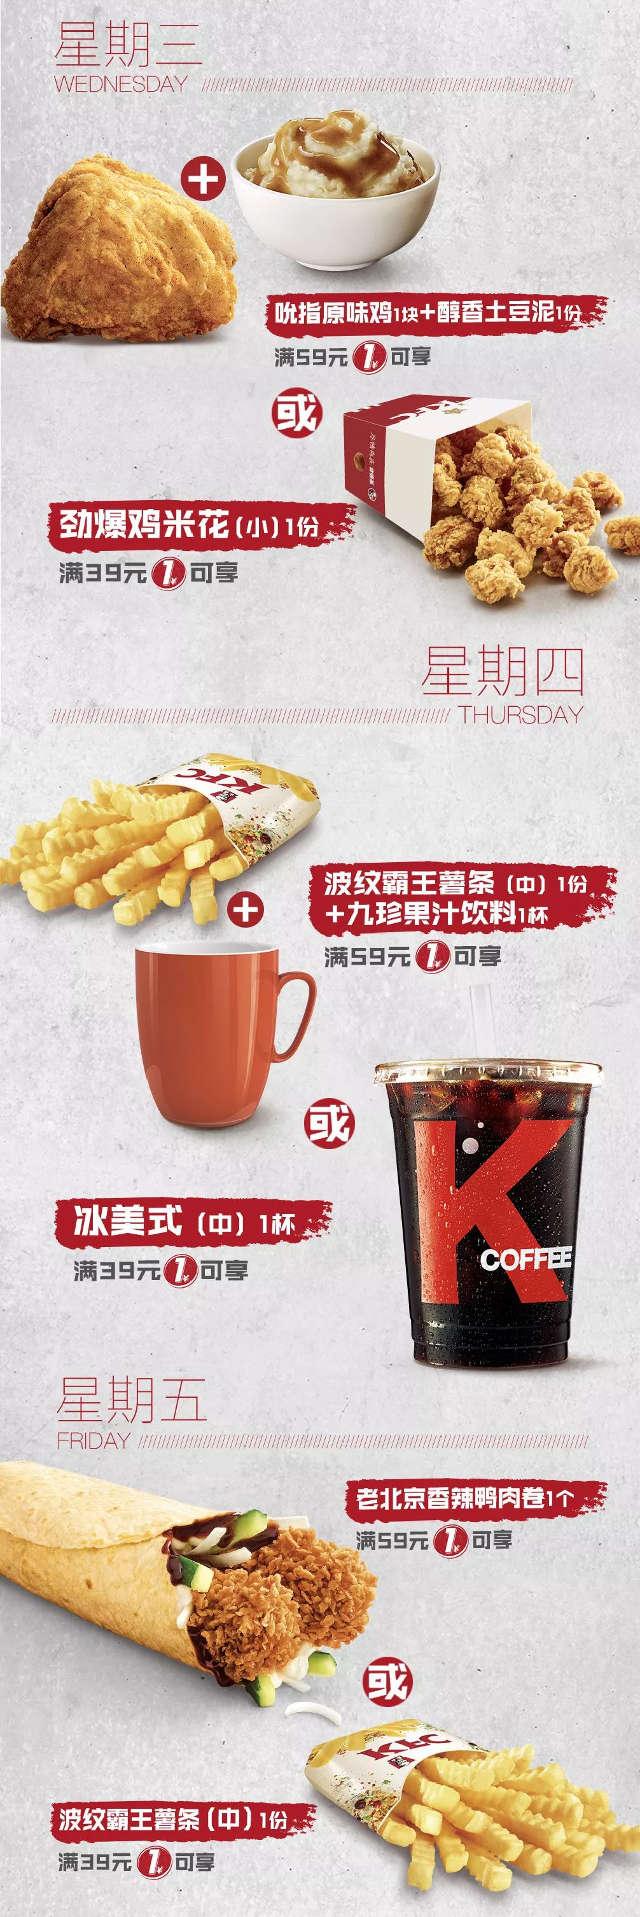 KFC宅急送星期三至五满额享1元美食